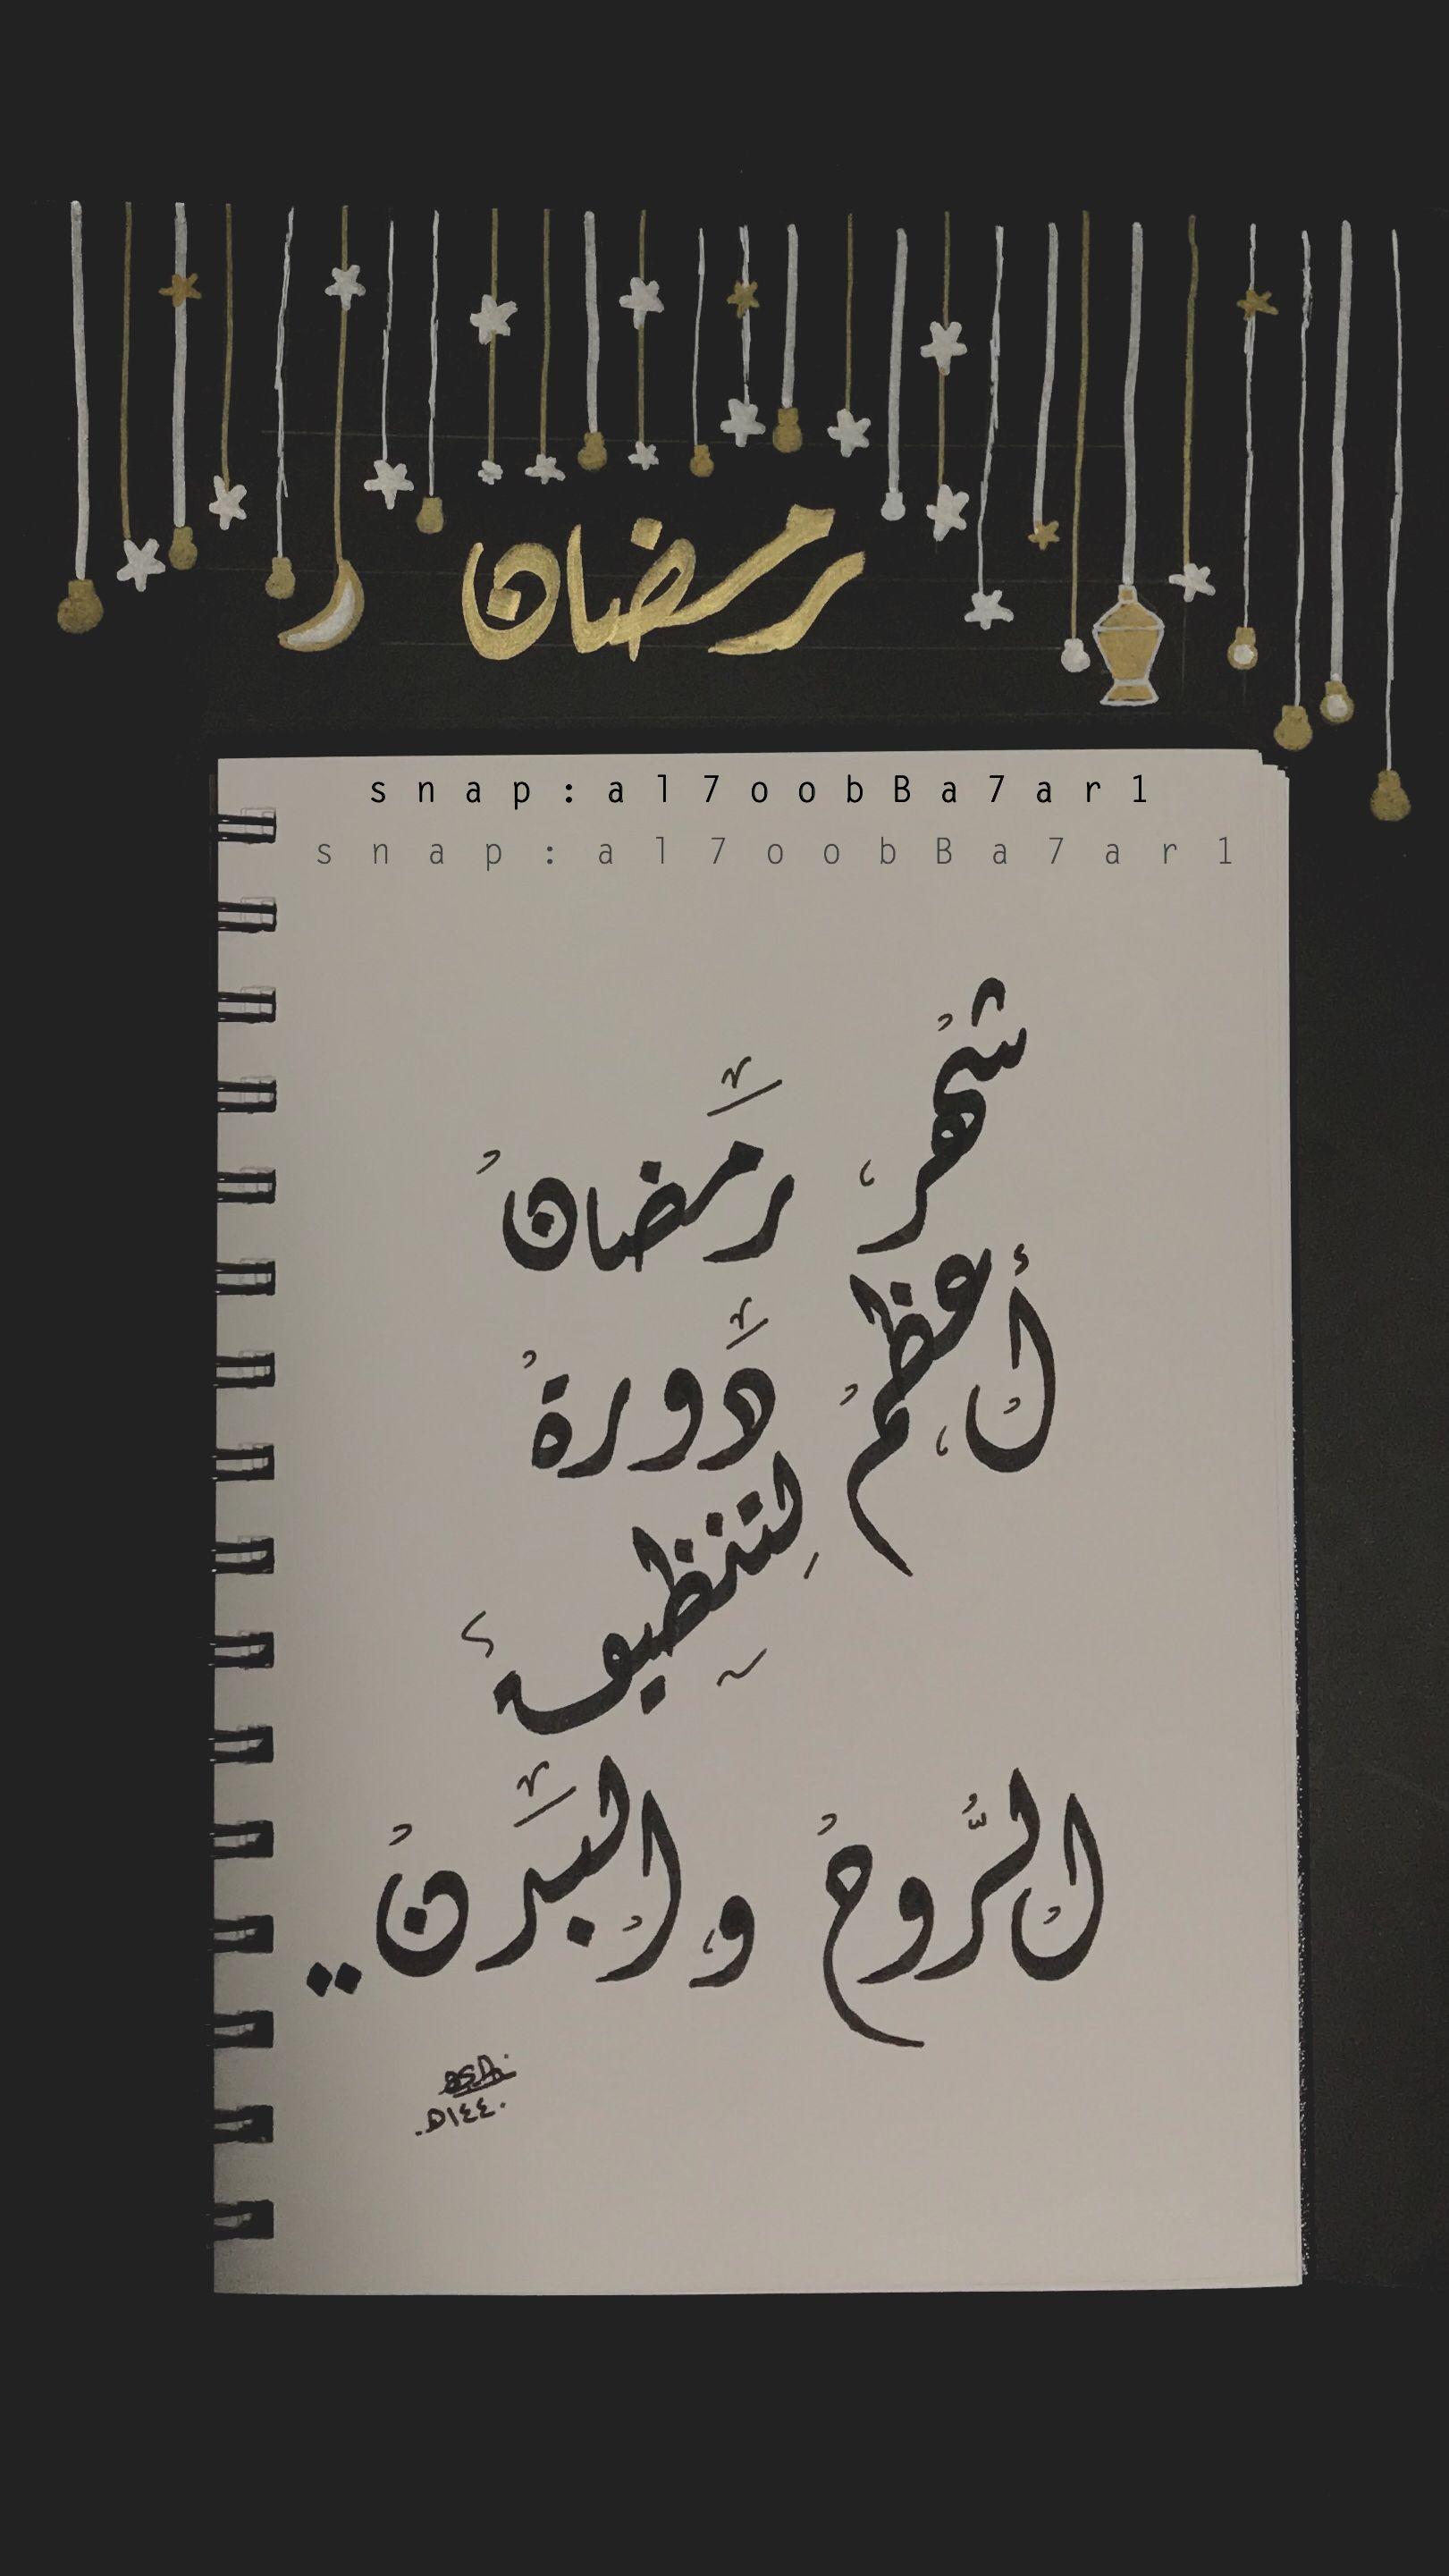 ٣ رمضان شهر رمضان أعظم دورة لـ تنظيف الروح و البدن تصويري تصويري سناب تصميمي تصميم خطي الخط الديواني Design